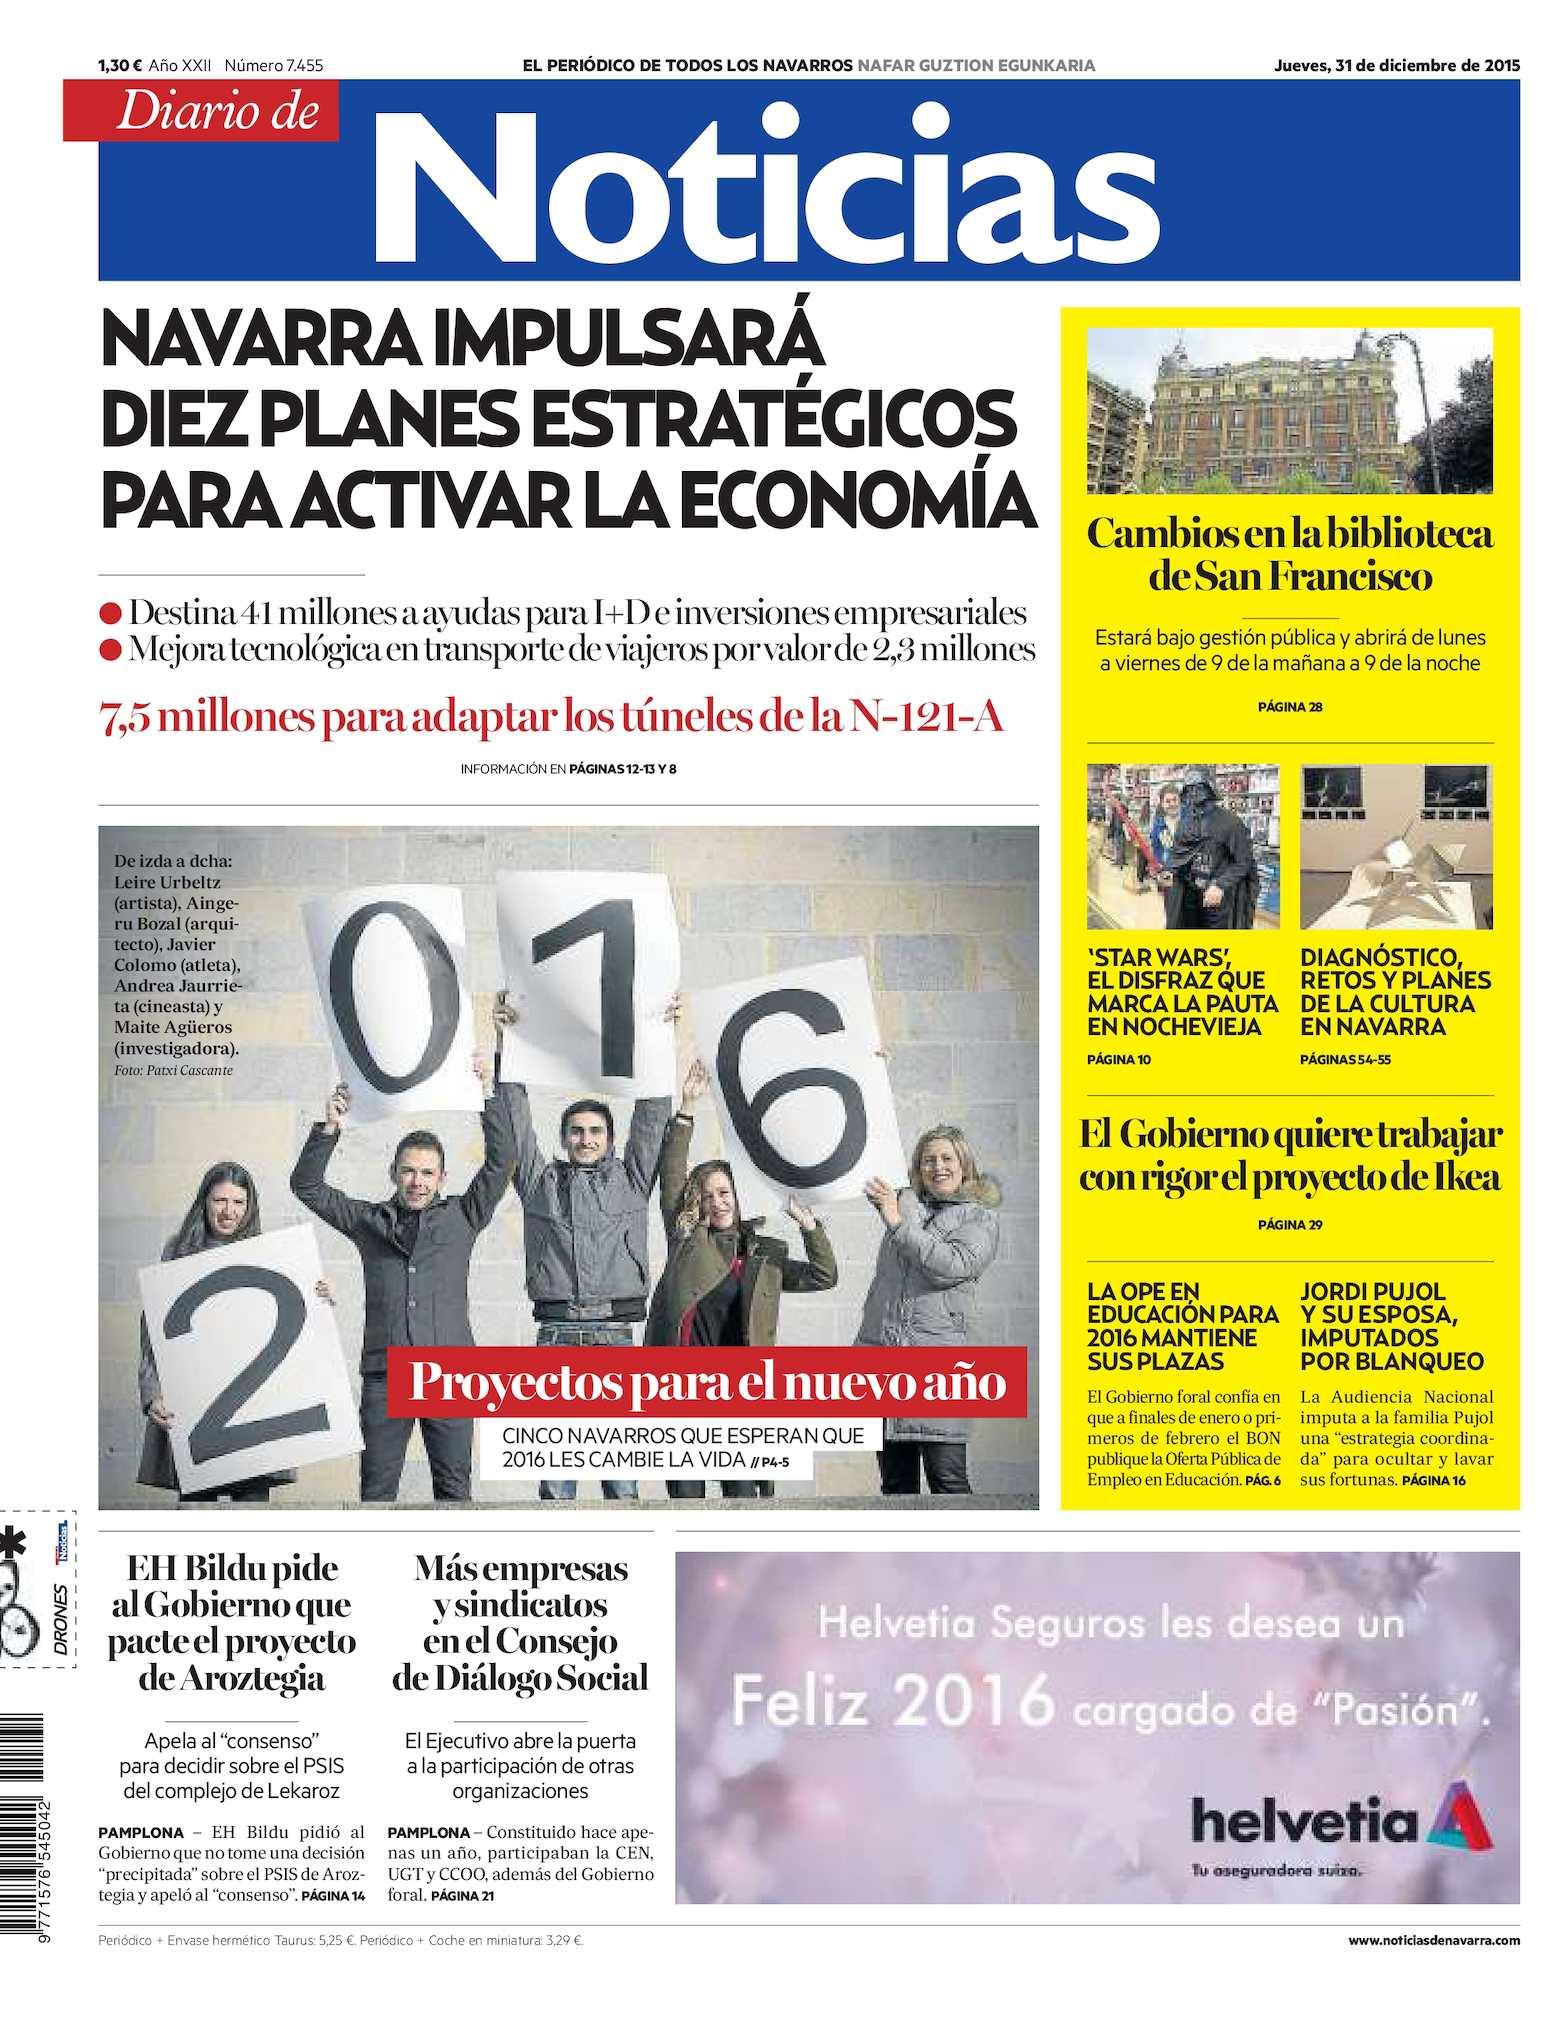 Calaméo - Diario de Noticias 20151231